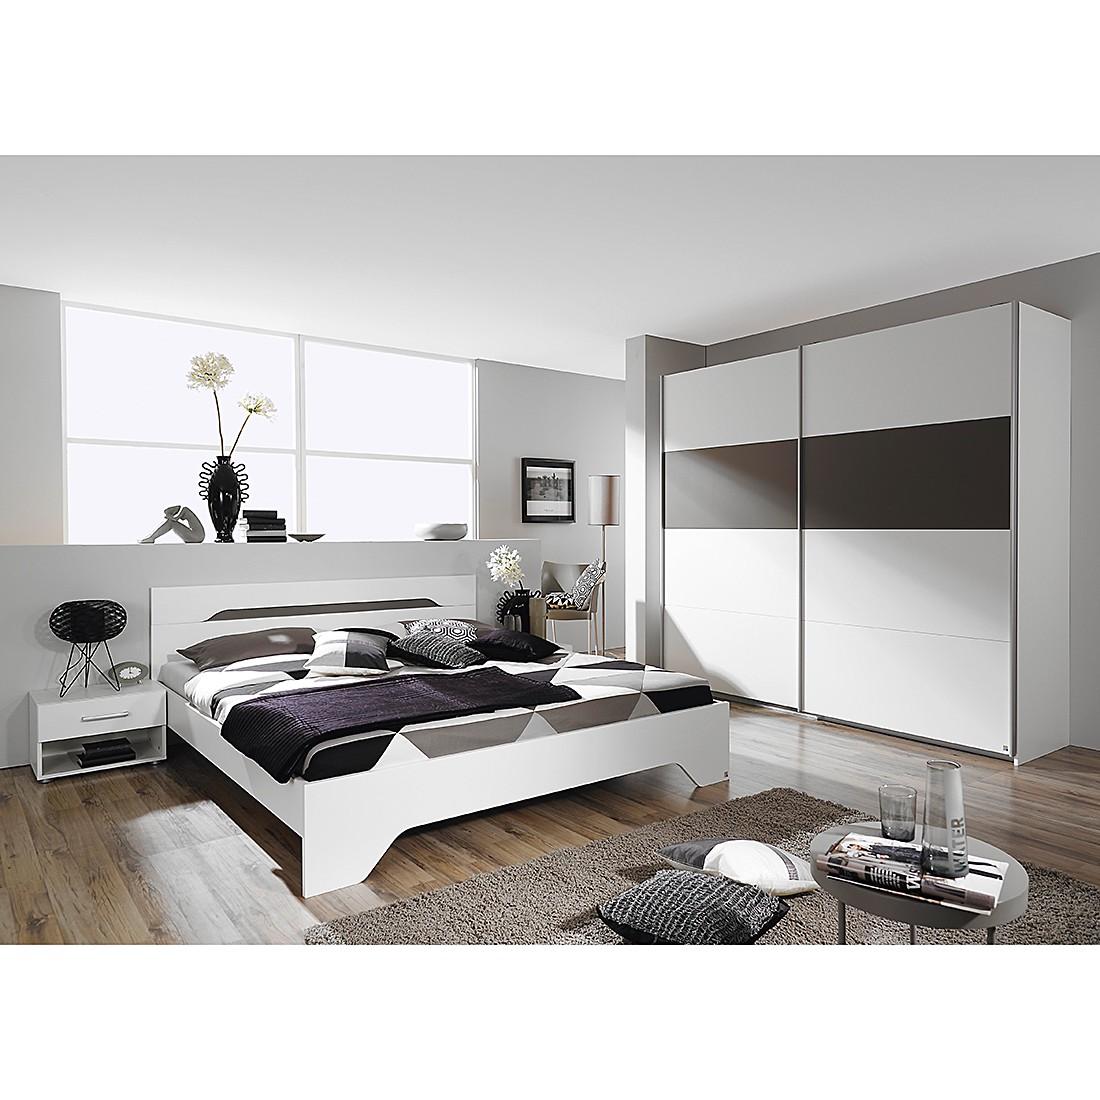 Ensemble de chambre à coucher Rubi II (4 éléments) - Blanc alpin / Gris lave - 180 cm x 200 cm, Rauc